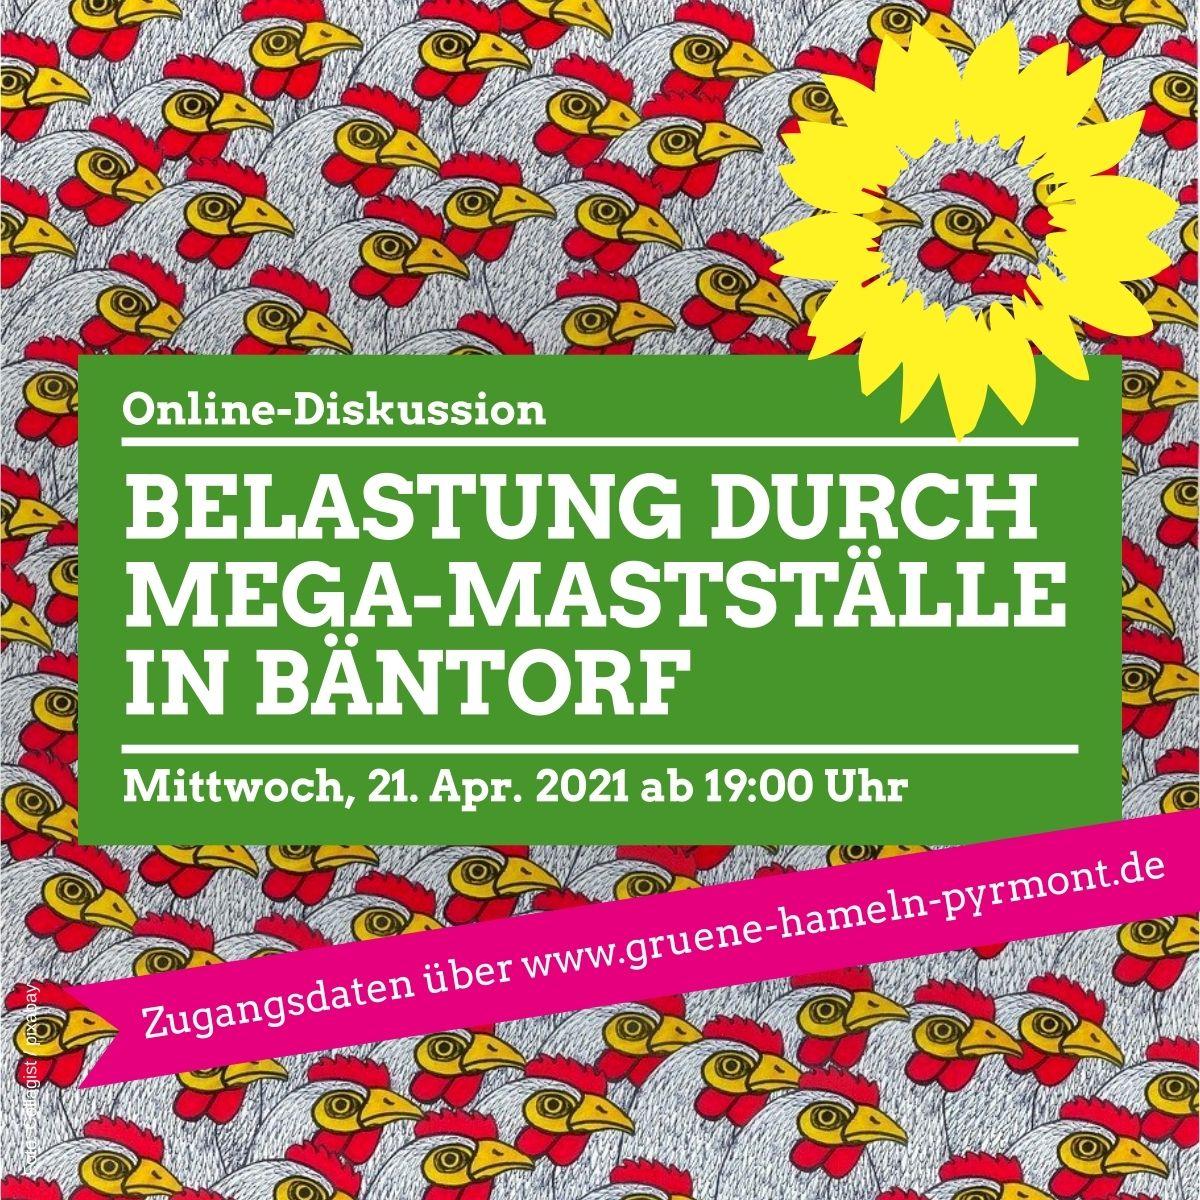 Weitere Großmastanlagen in Bäntorf? Mi., 21. Apr. 2021 ab 19 Uhr